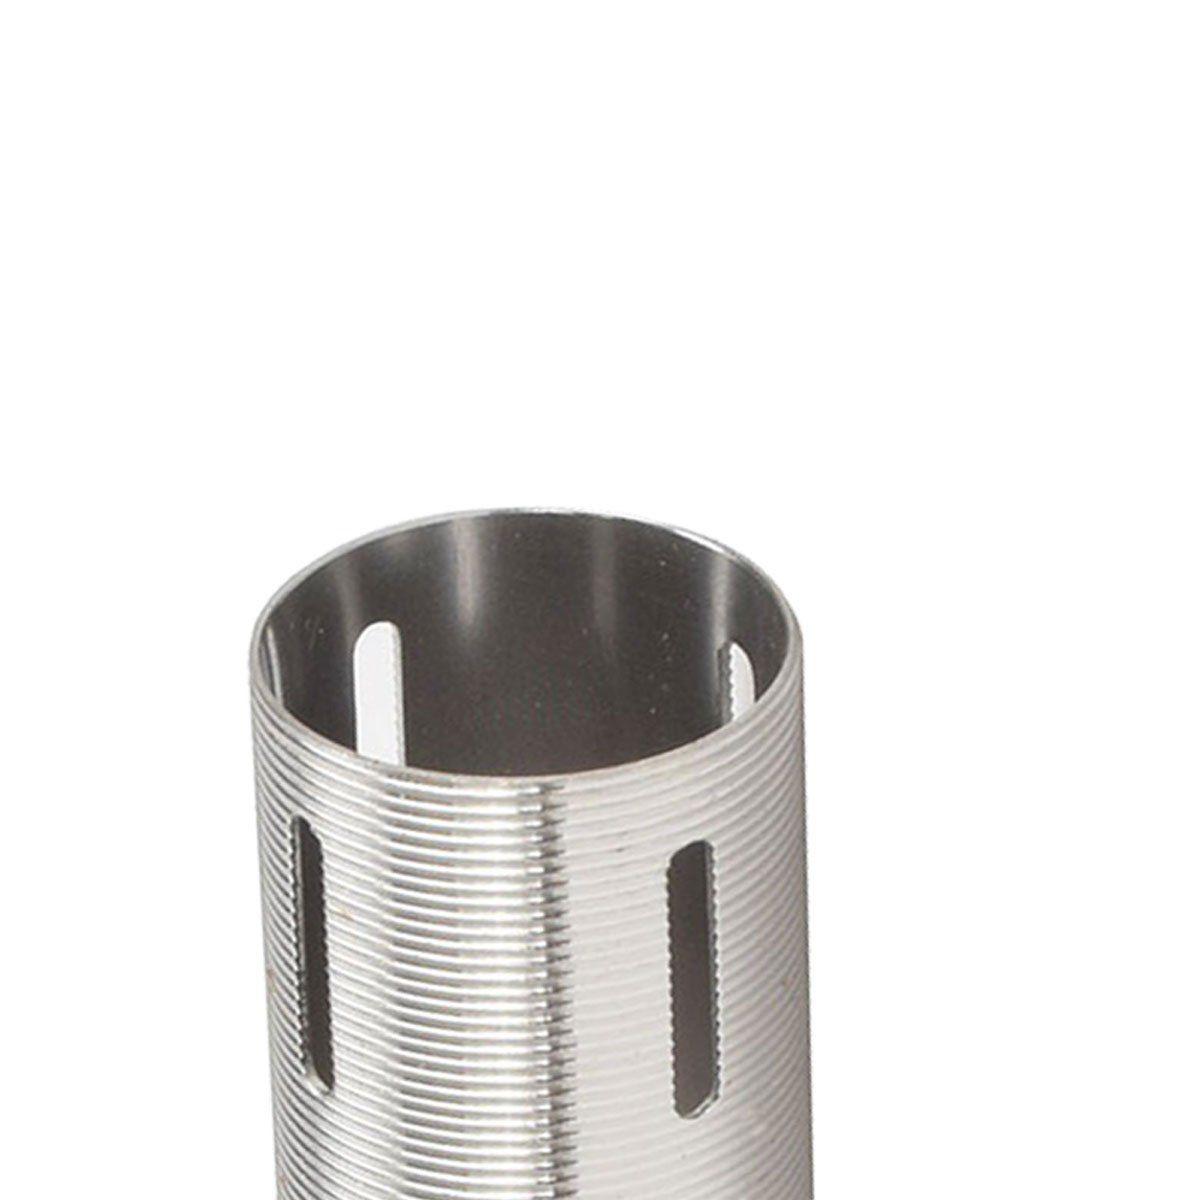 Cilindro em Alço Inox Tipo 1 Taitus